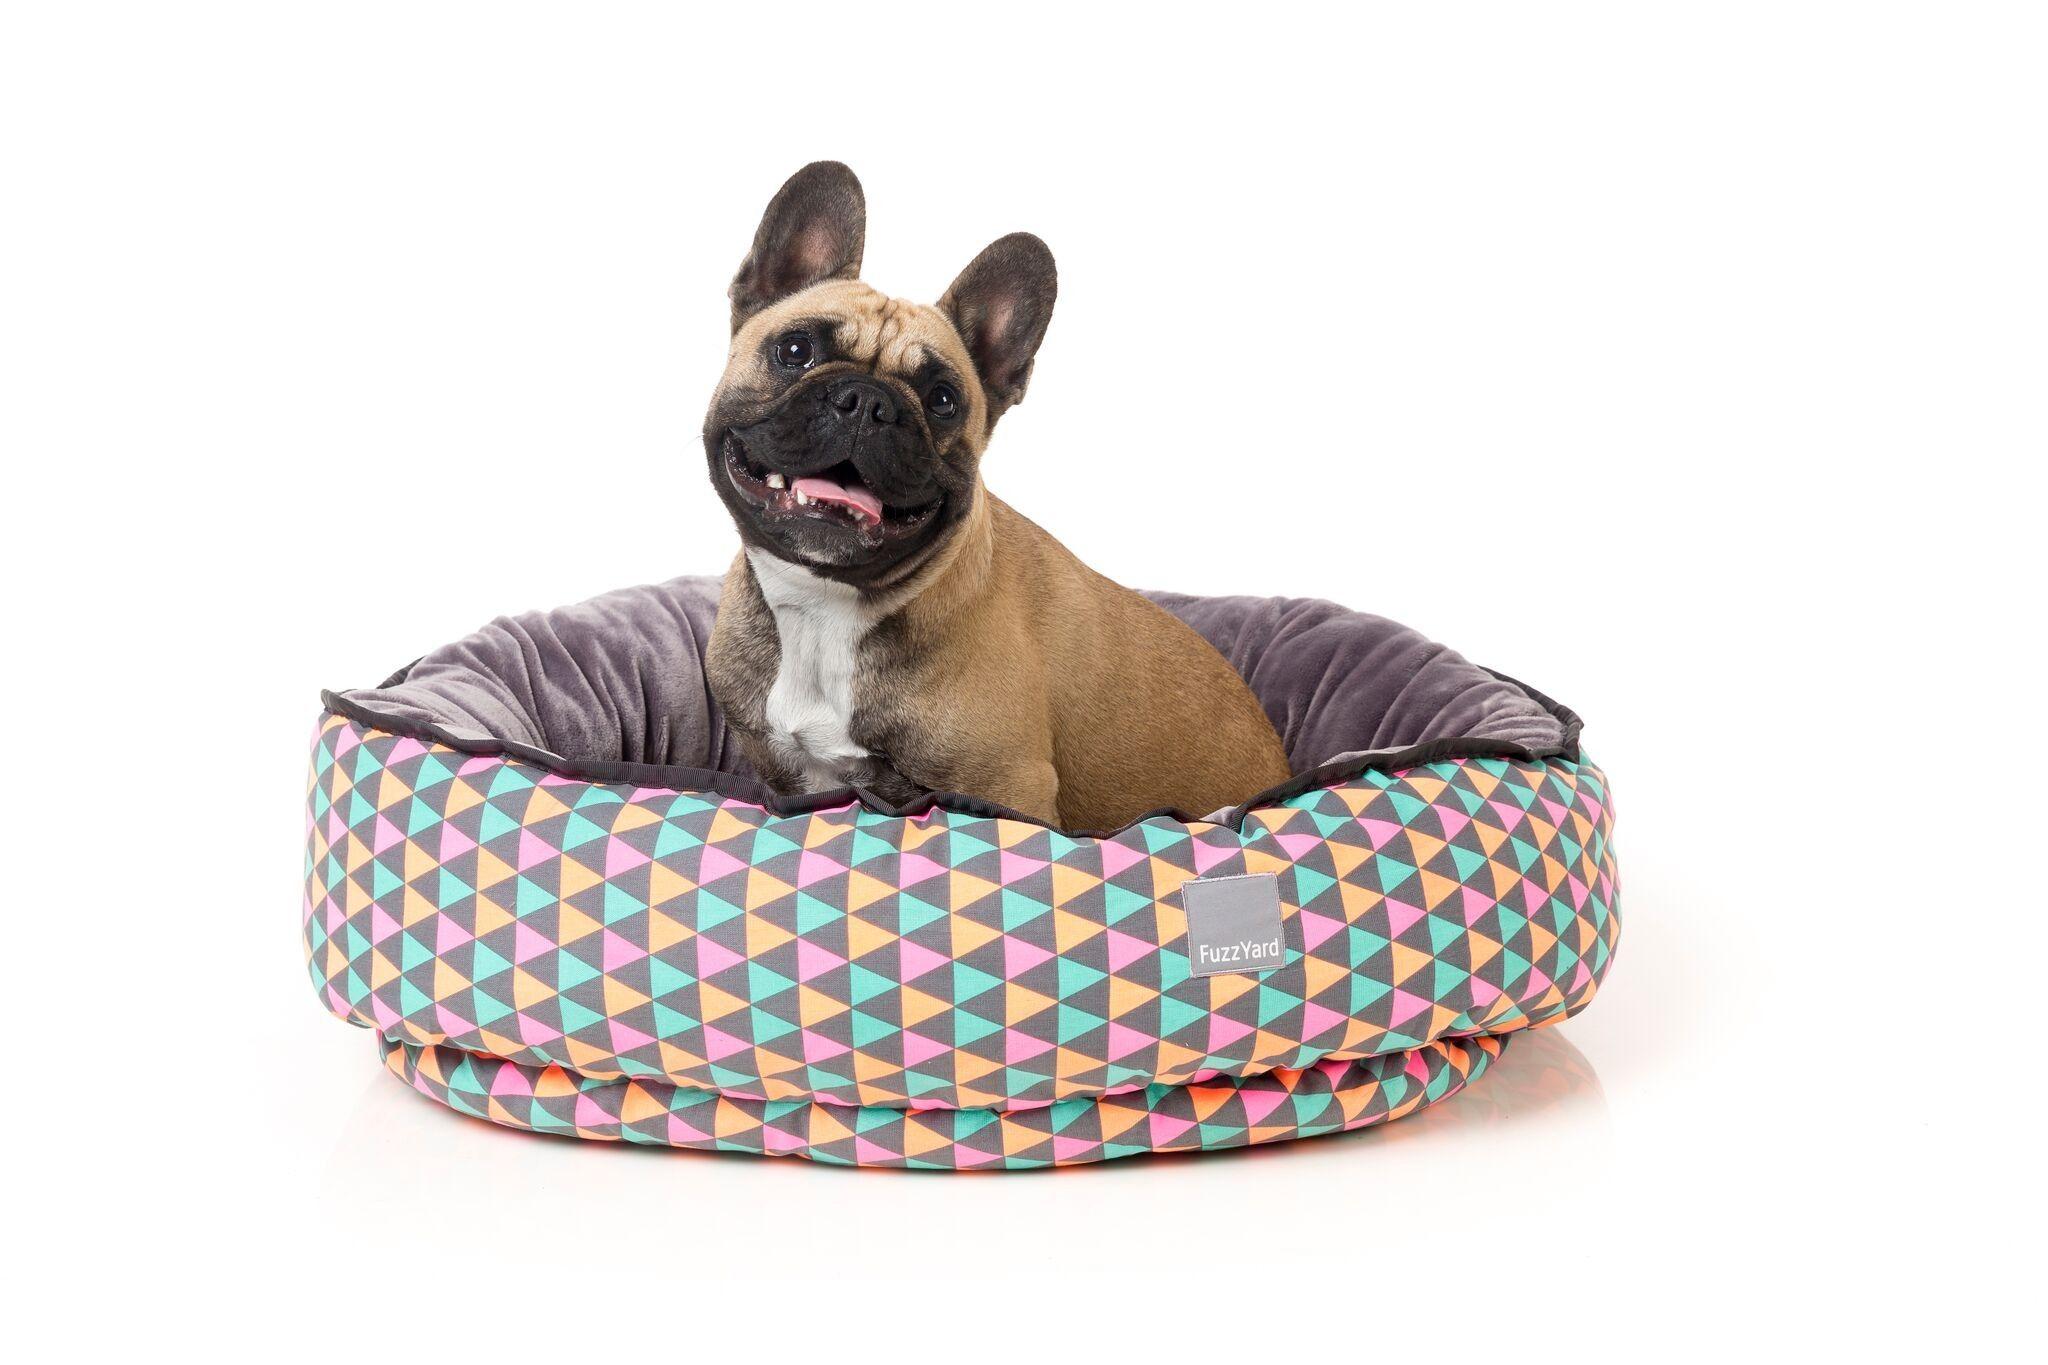 FuzzYard+Pop+Reversible+Dog+Bed, £50.00 Camas